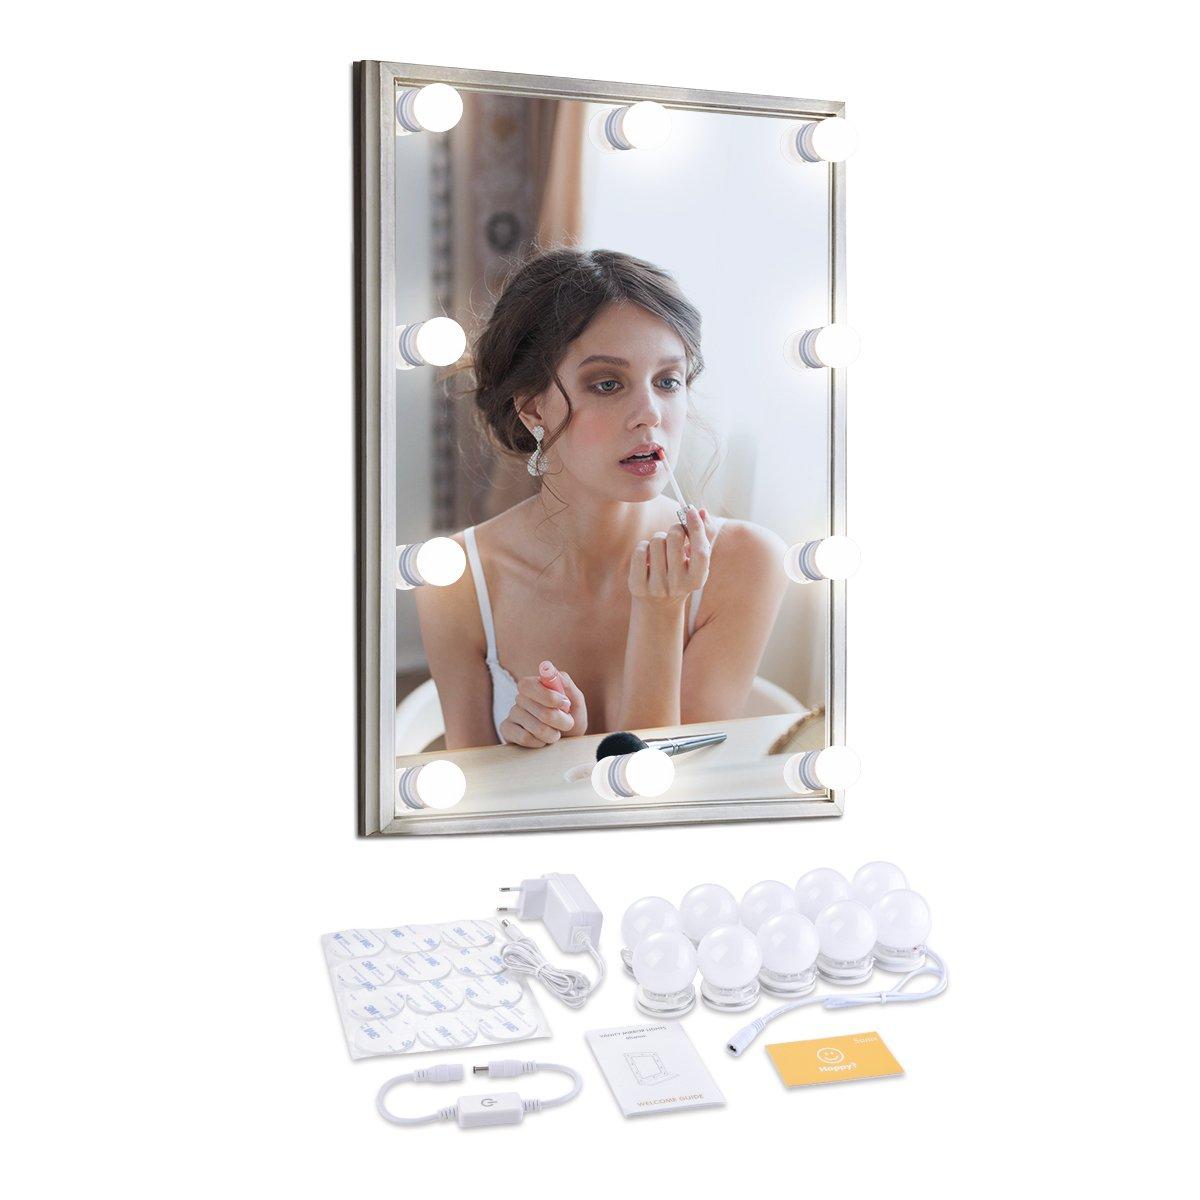 Memoru Kit Luci Stile Hollywood 3.7m con 10 Lampadine LED di Vanità Dimmerabile per Make up Specchio Trucco Cosmetico Camera Spogliatoio Bagno 4500K Bianco Naturale [Classe di efficienza energetica A+++] BestEstore